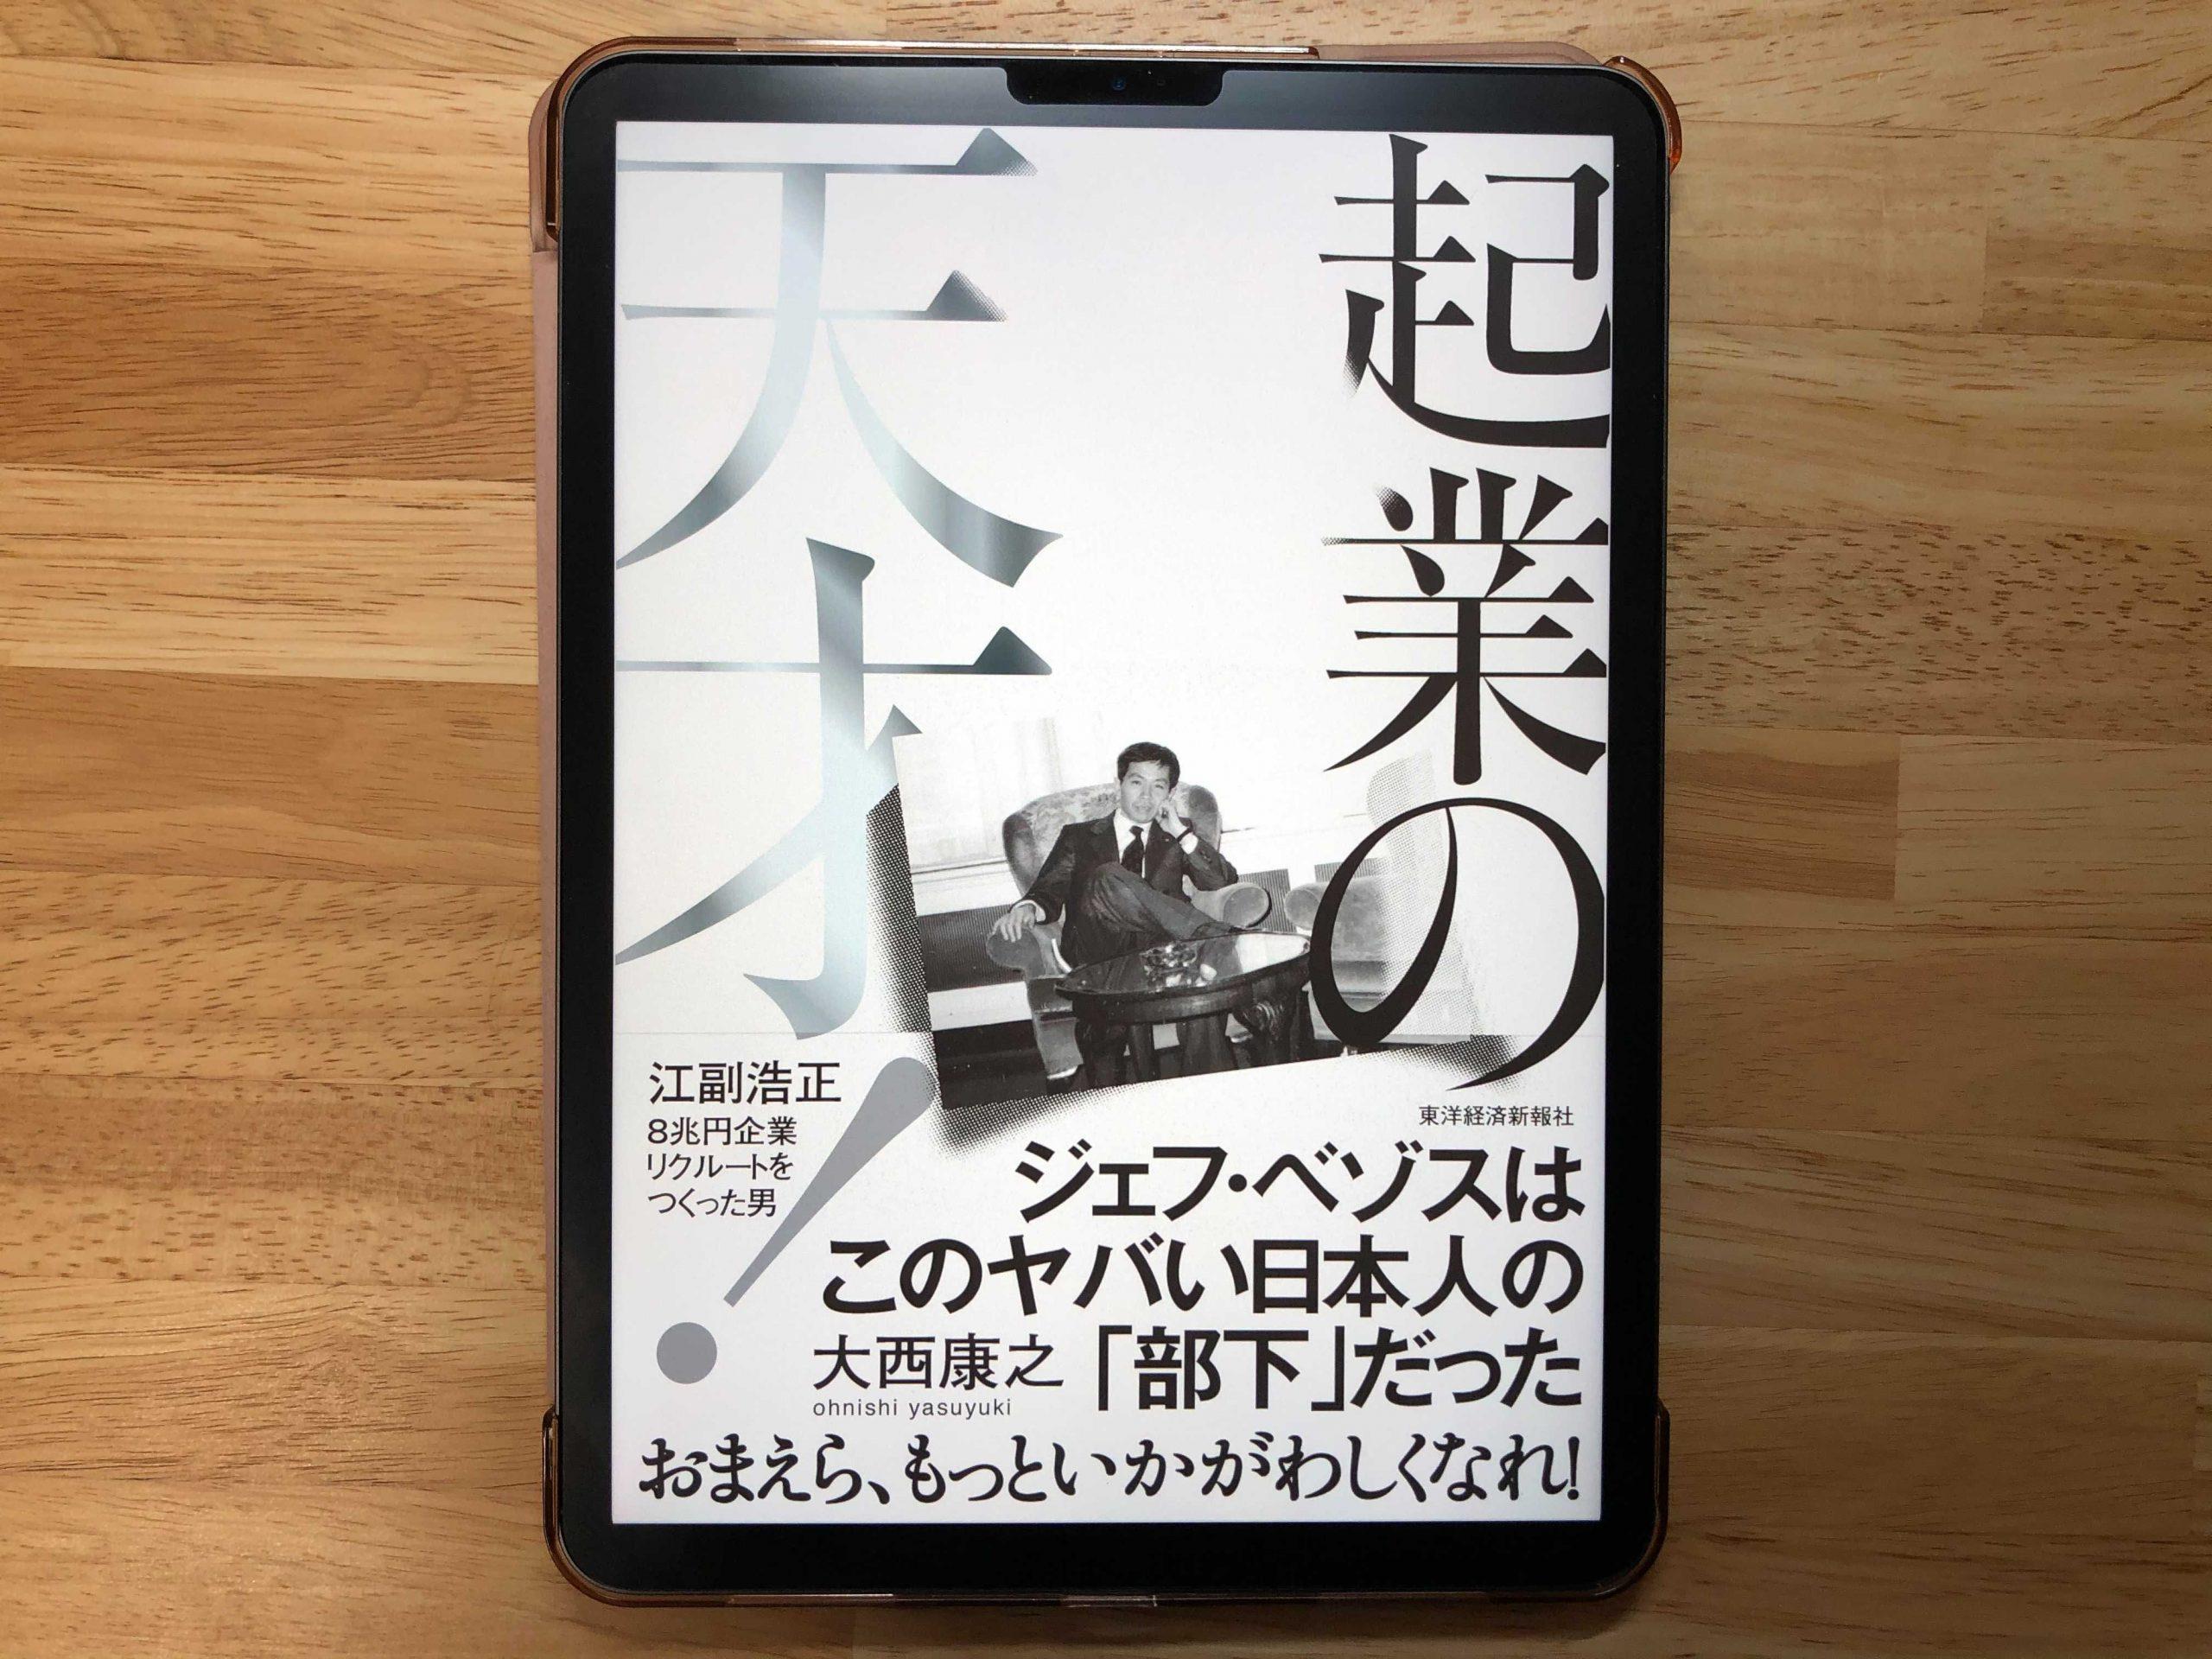 『起業の天才!―江副浩正 8兆円企業リクルートをつくった男』